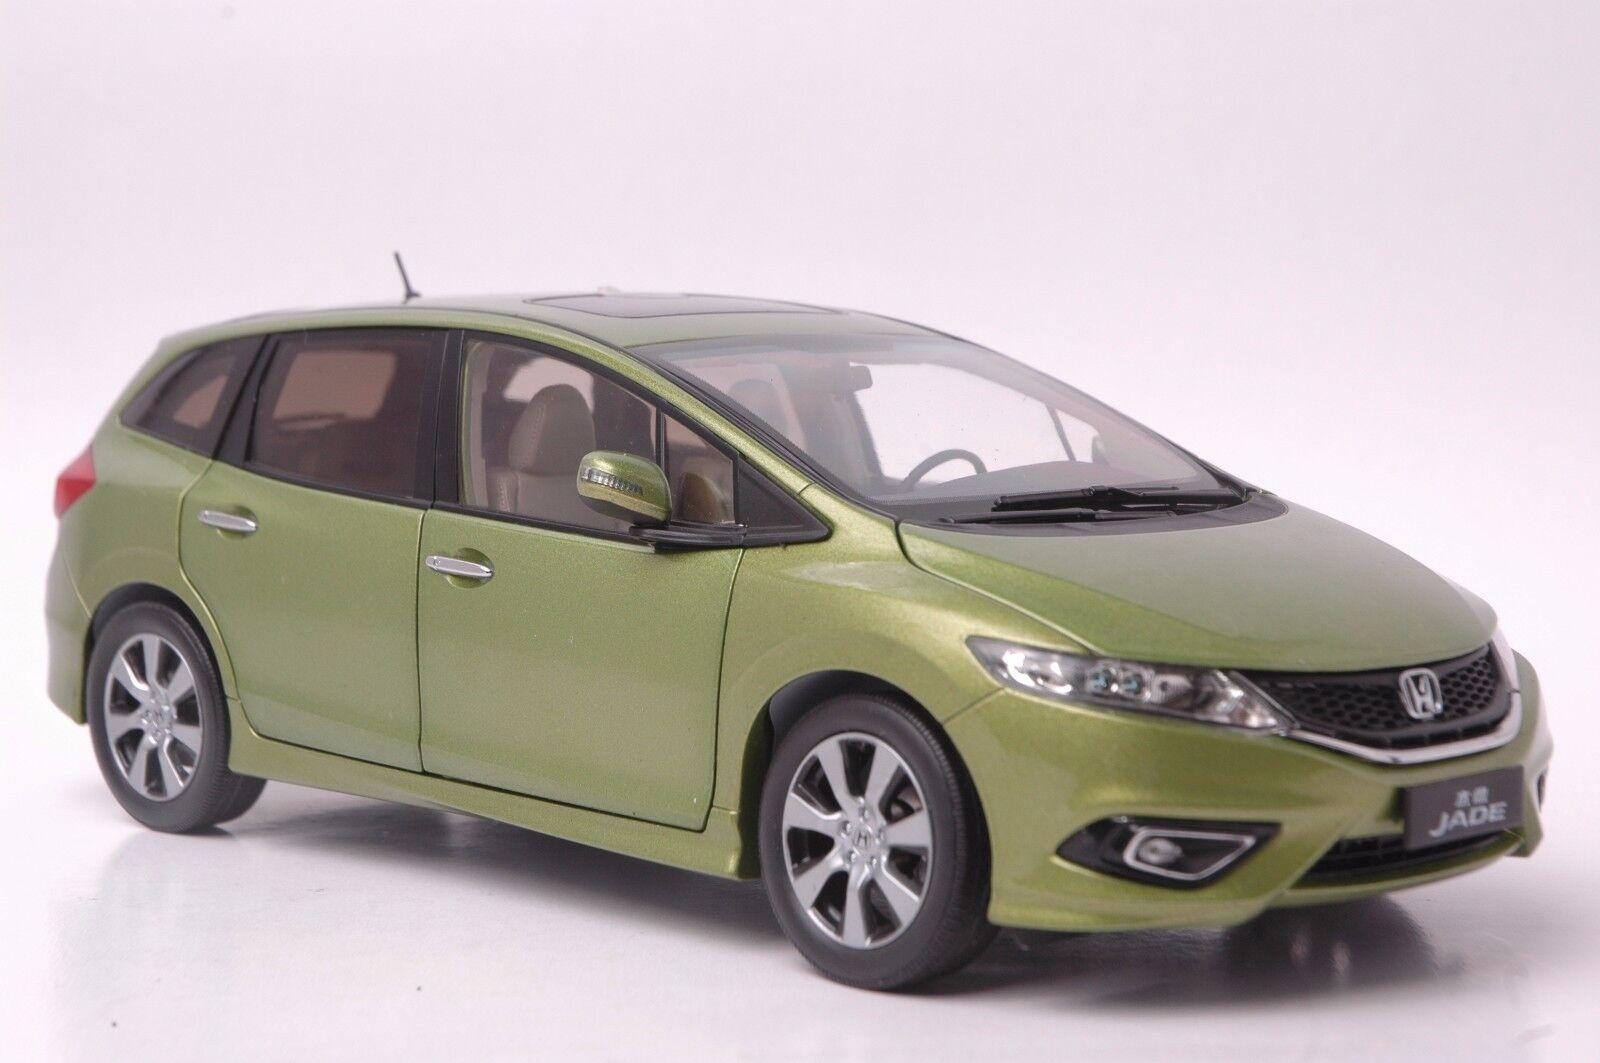 Honda - modell im maßstab 1,18